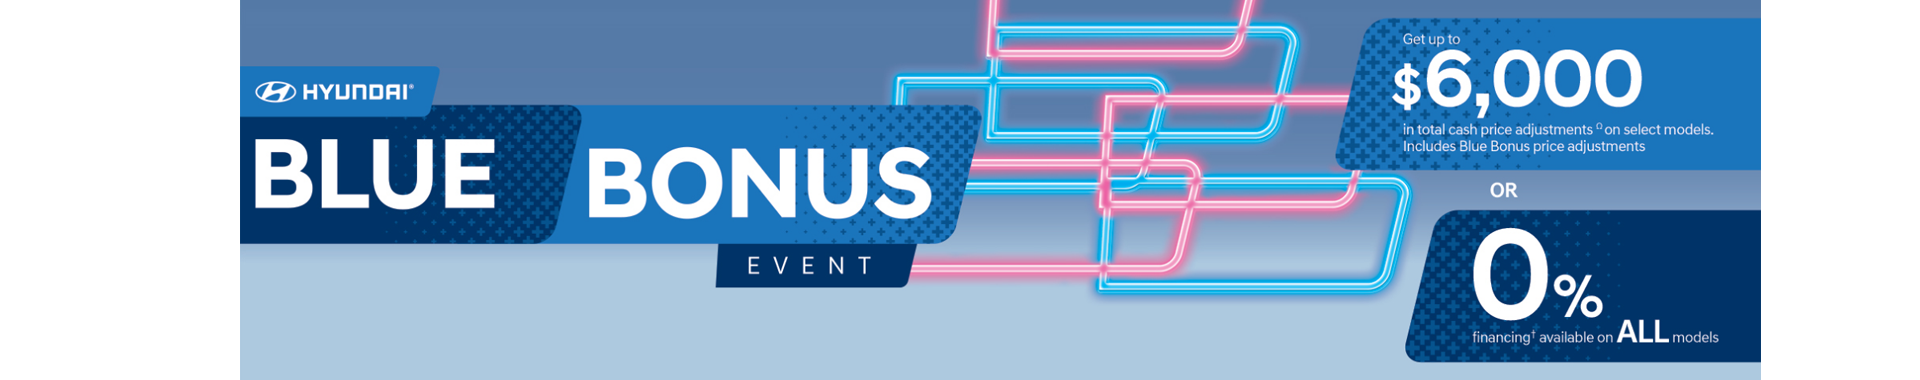 Blue Bonus Event